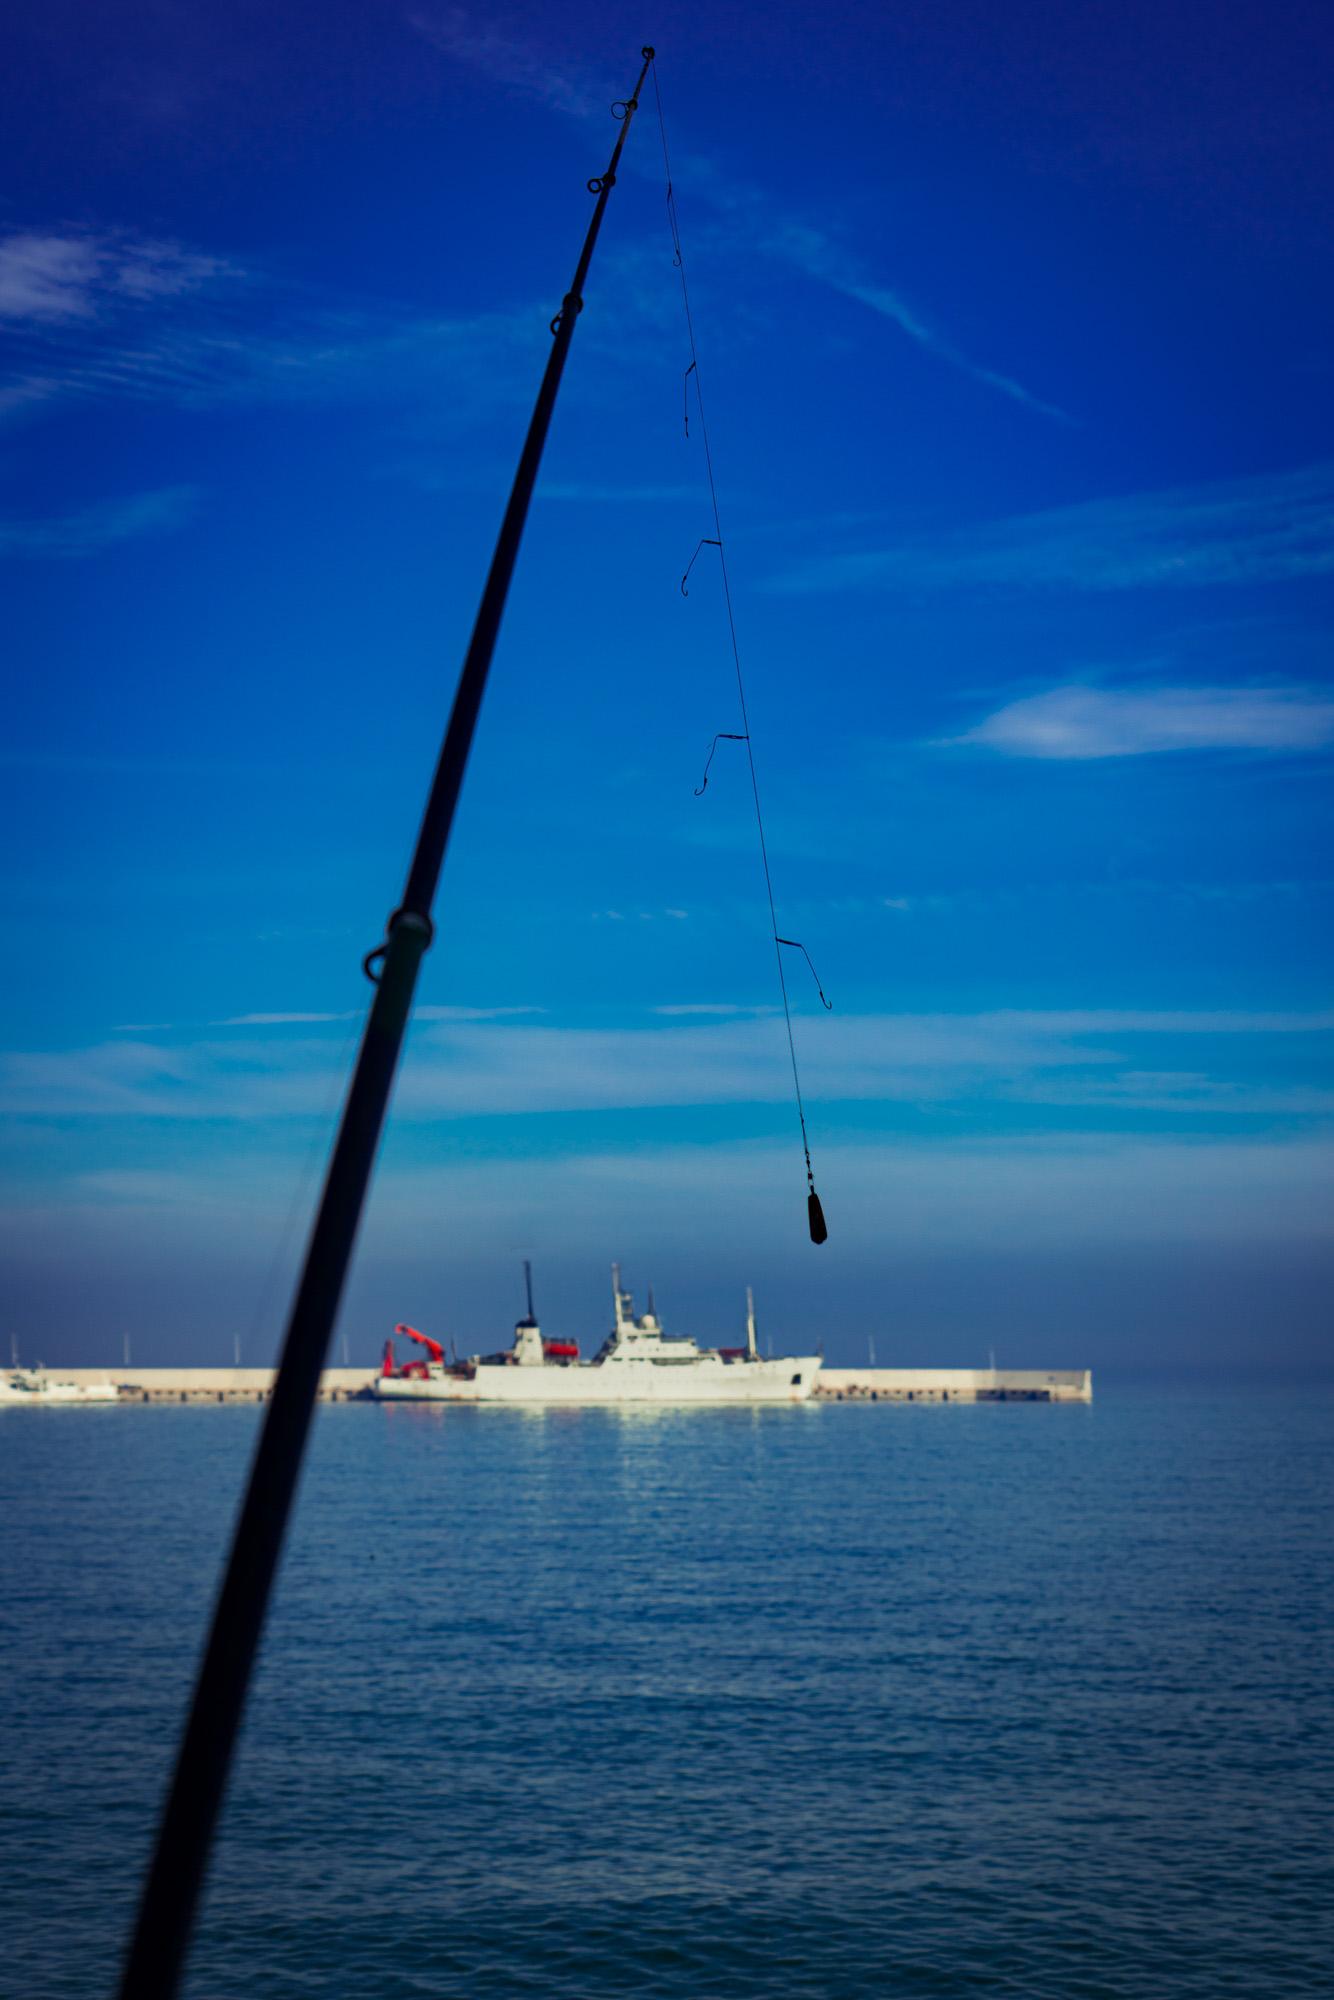 ollo / Forschungsschiff bald am Haken in Qingdao